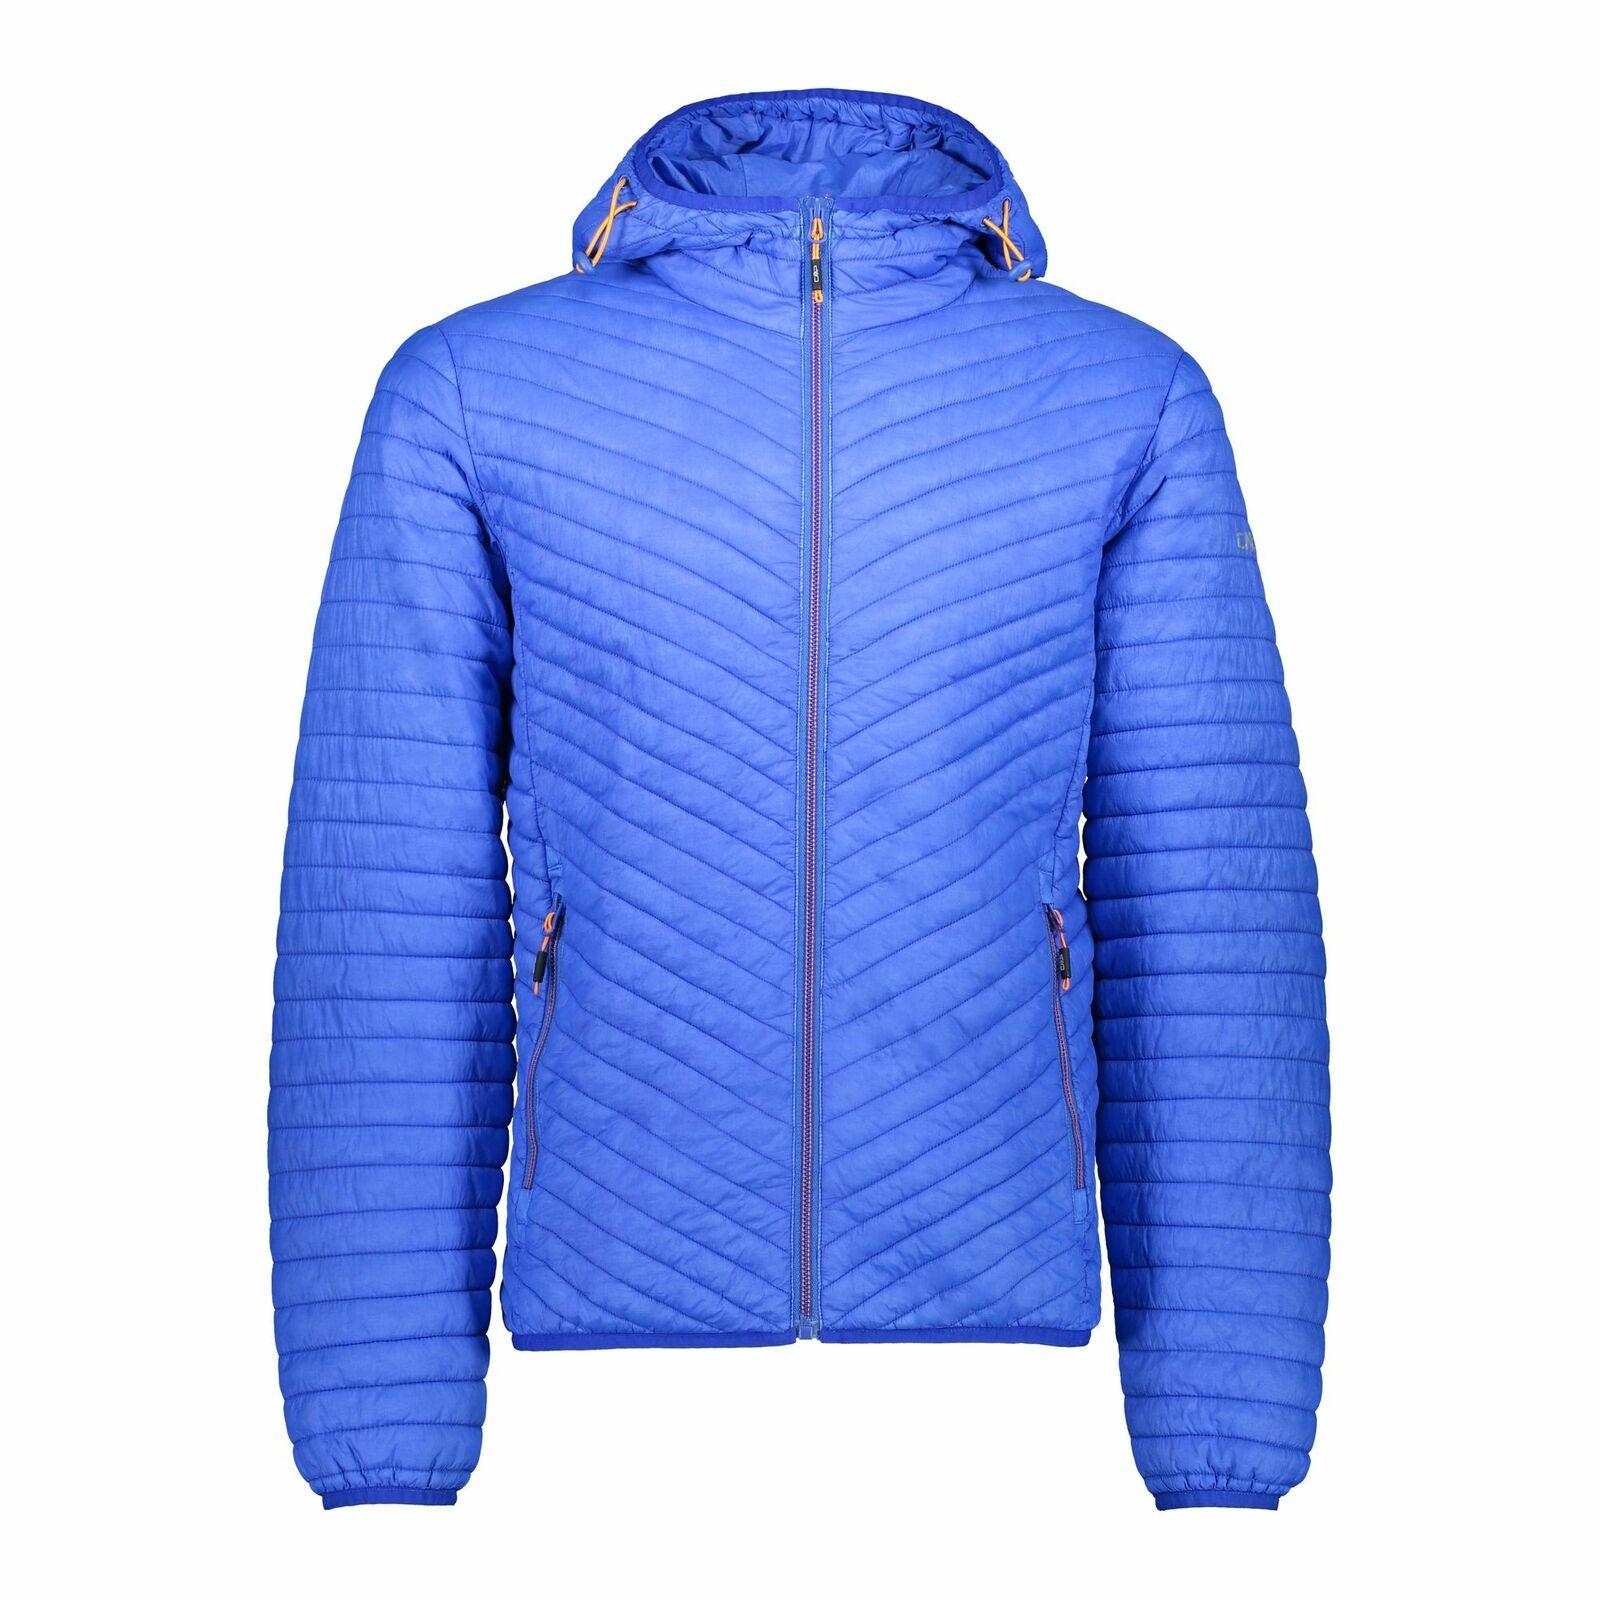 CMP Chaqueta  Funcional Man Fix Hood Chaqueta Azul Impermeable Transpirable  ventas en linea